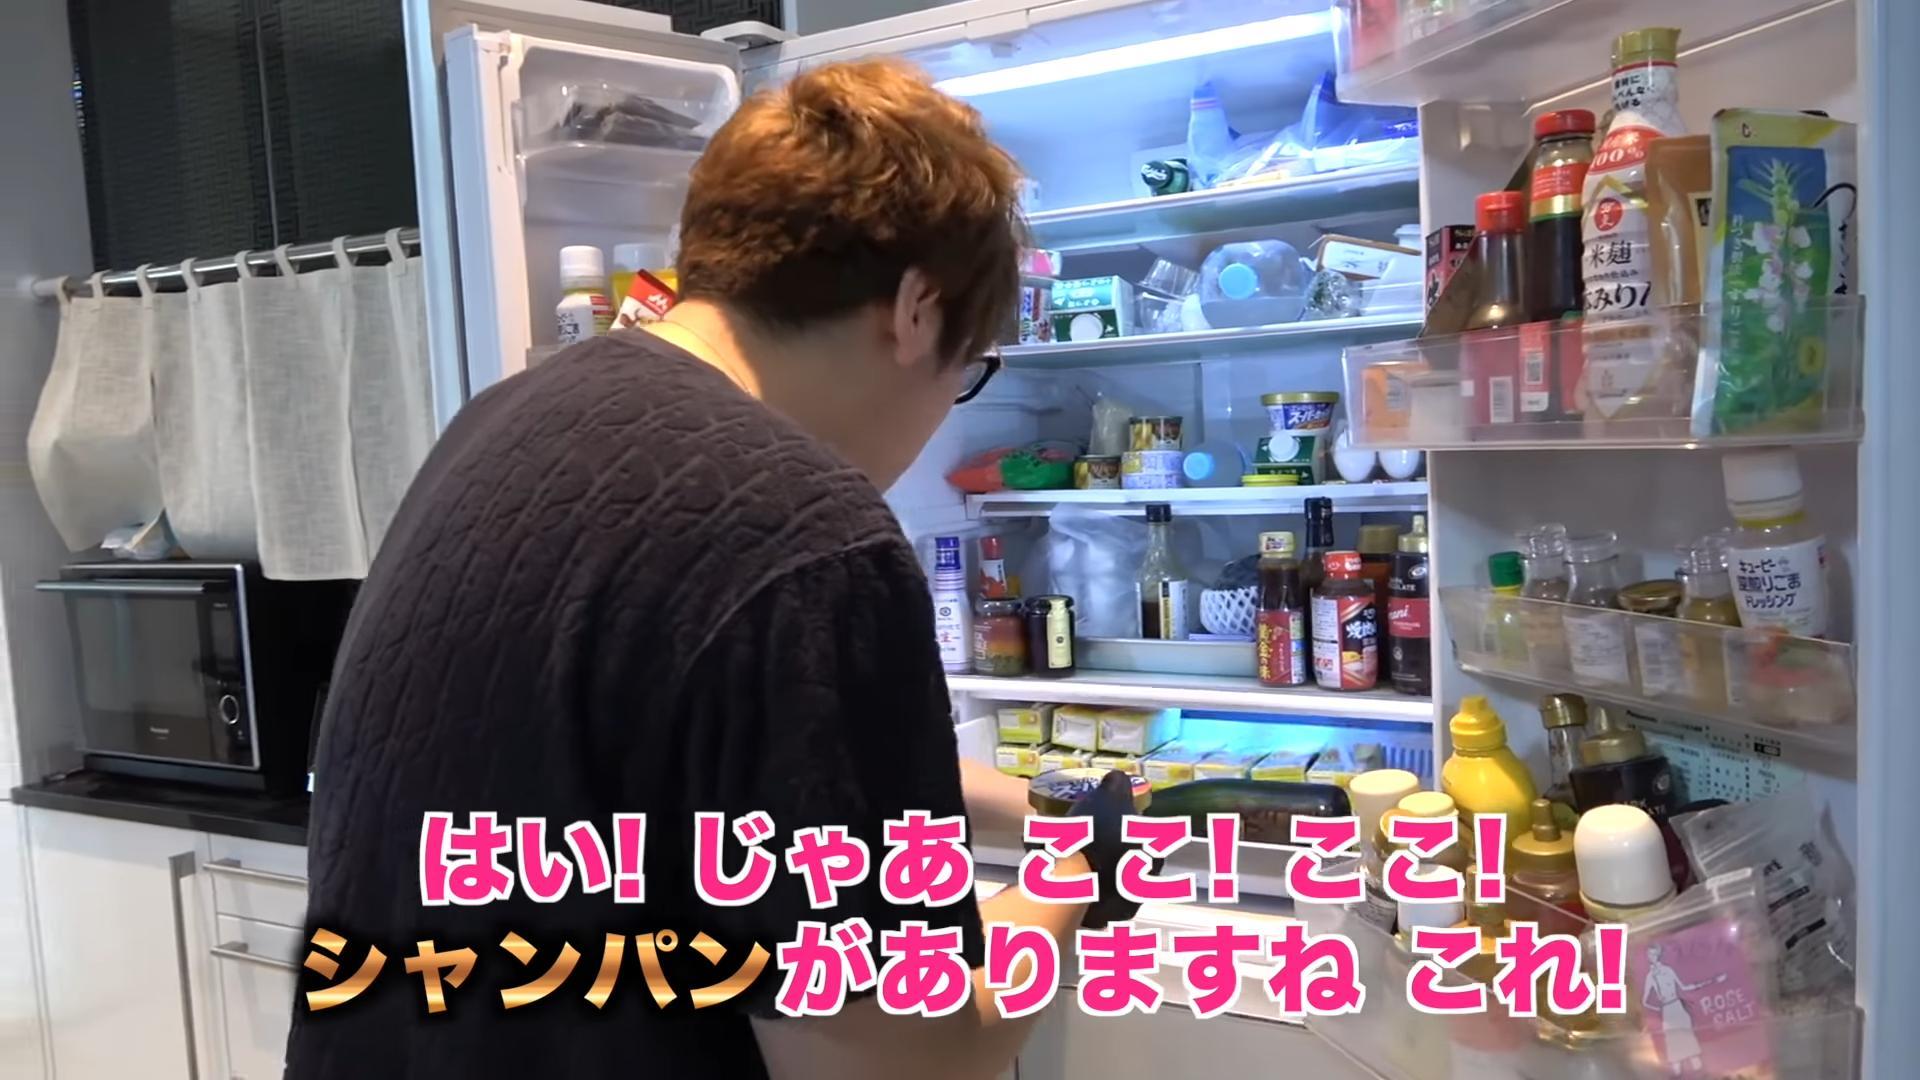 年収5億円の男の冷蔵庫の中身wwwwwwwwwwww